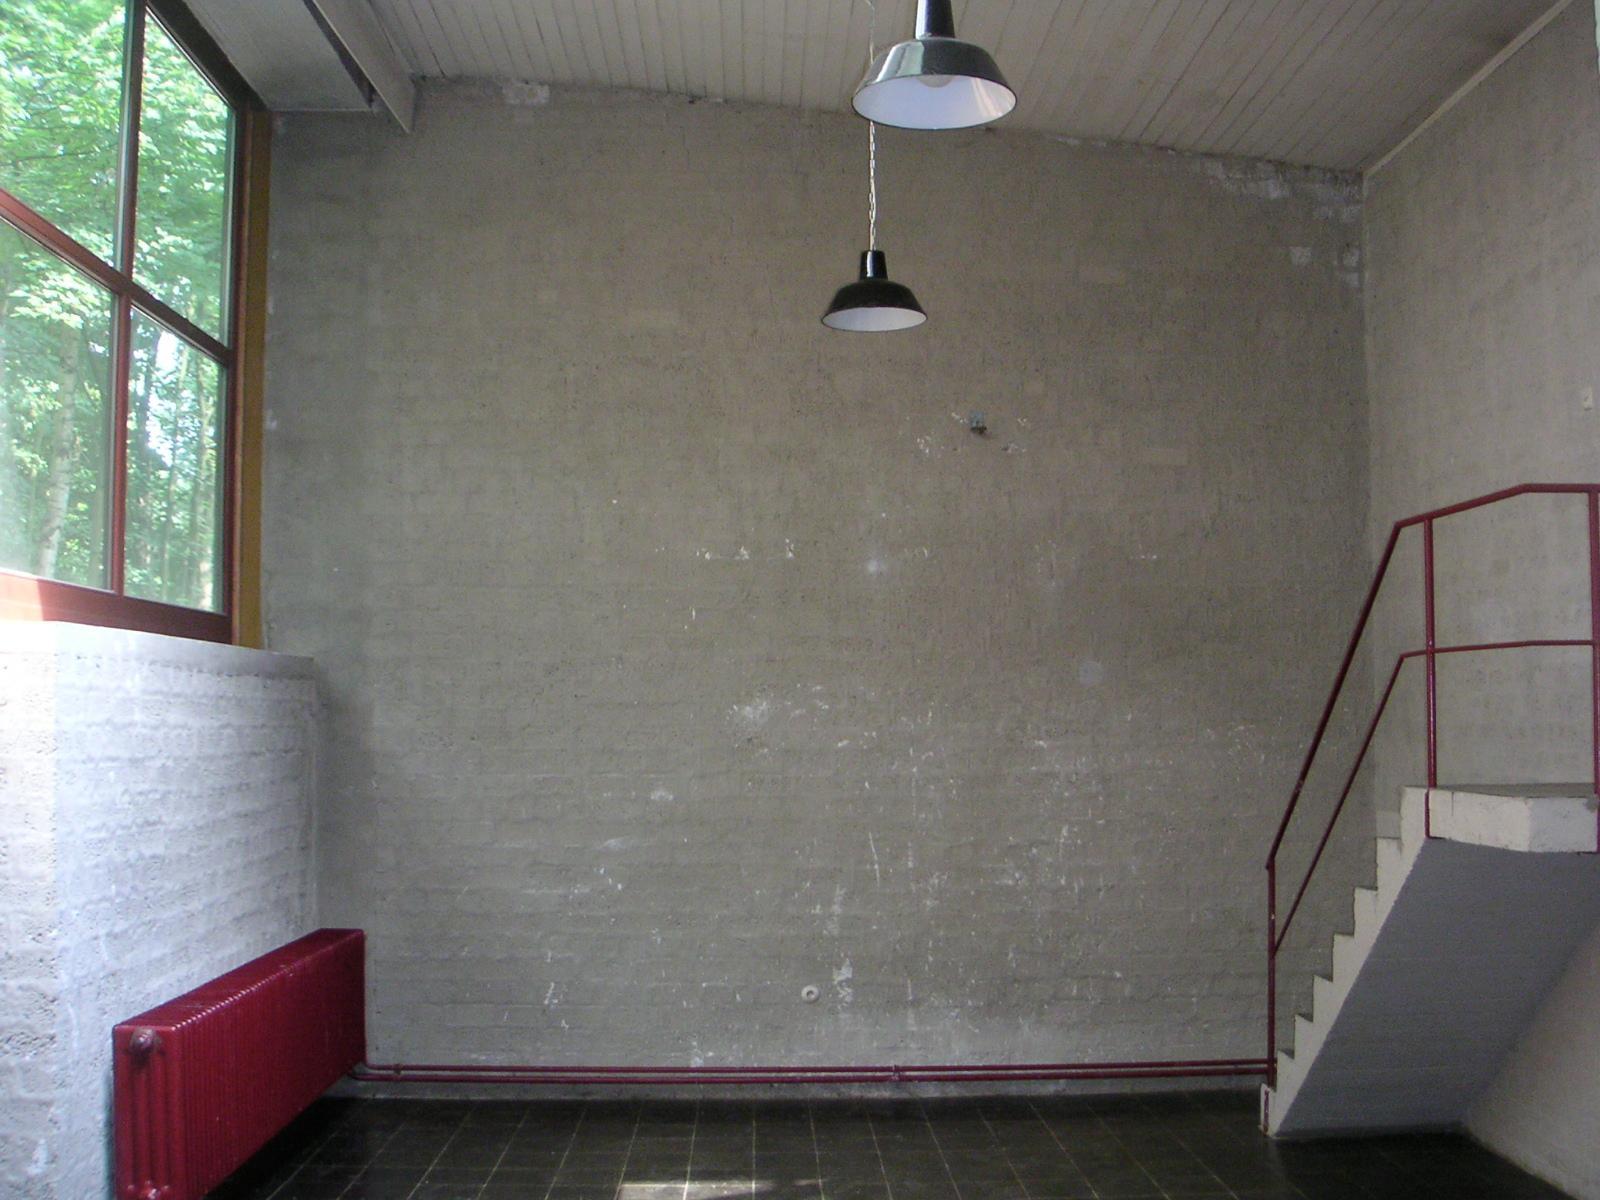 wohnung umbauen bilder ideen couch. Black Bedroom Furniture Sets. Home Design Ideas